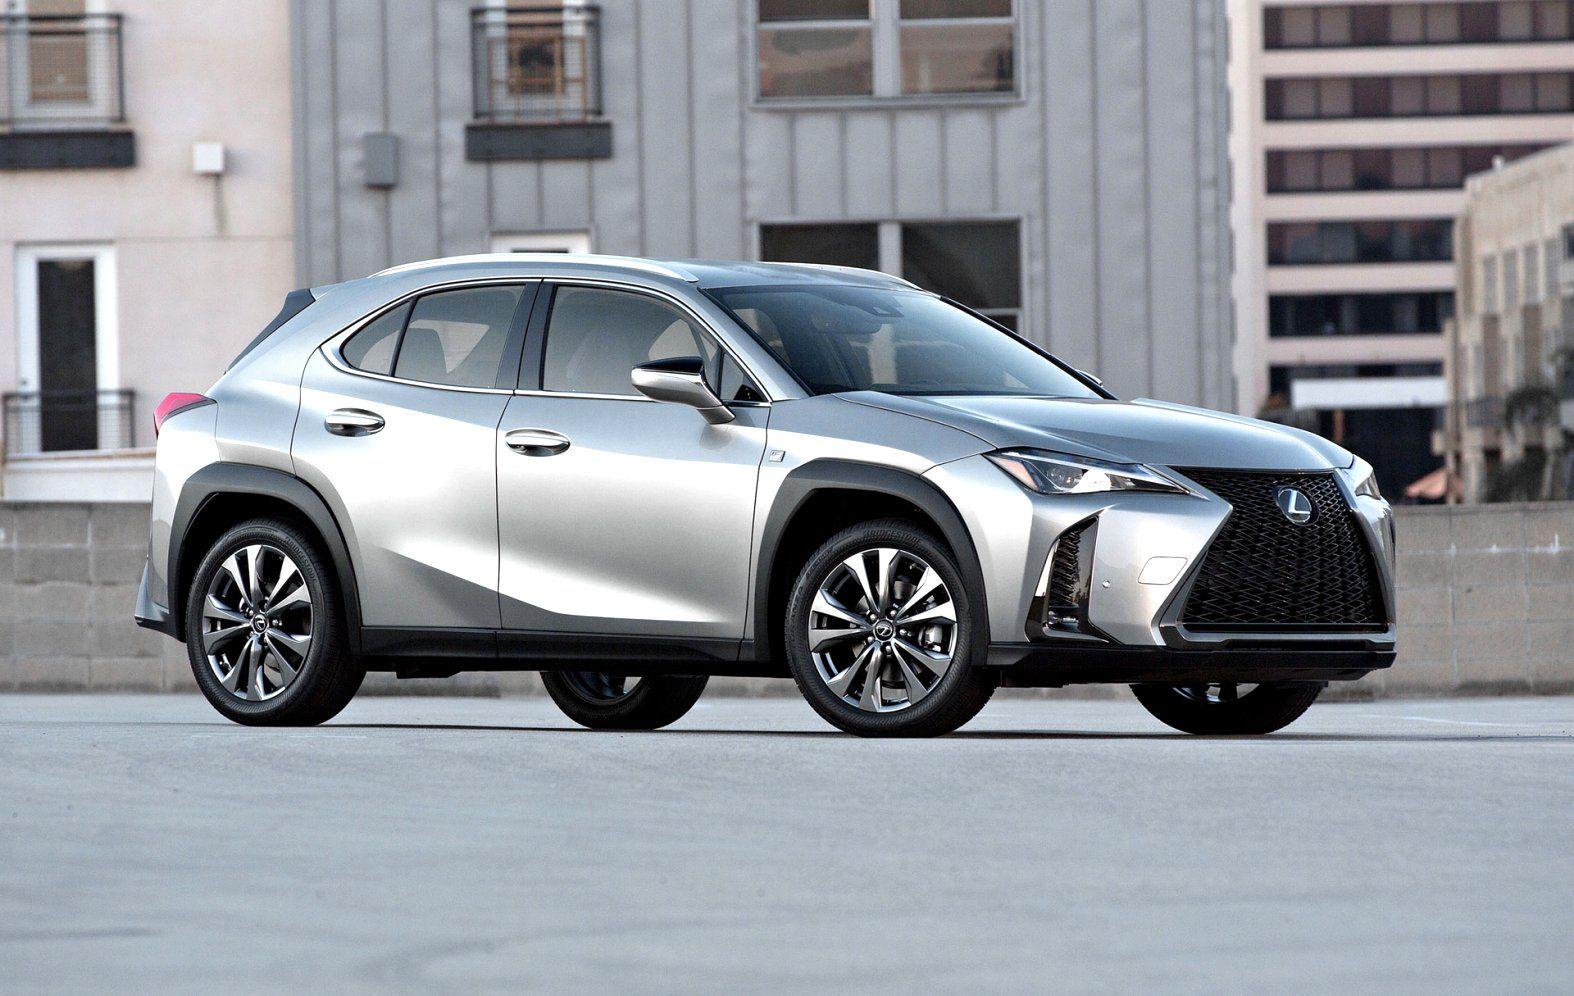 2020 Lexus Ux Hybrid Exterior And Interior